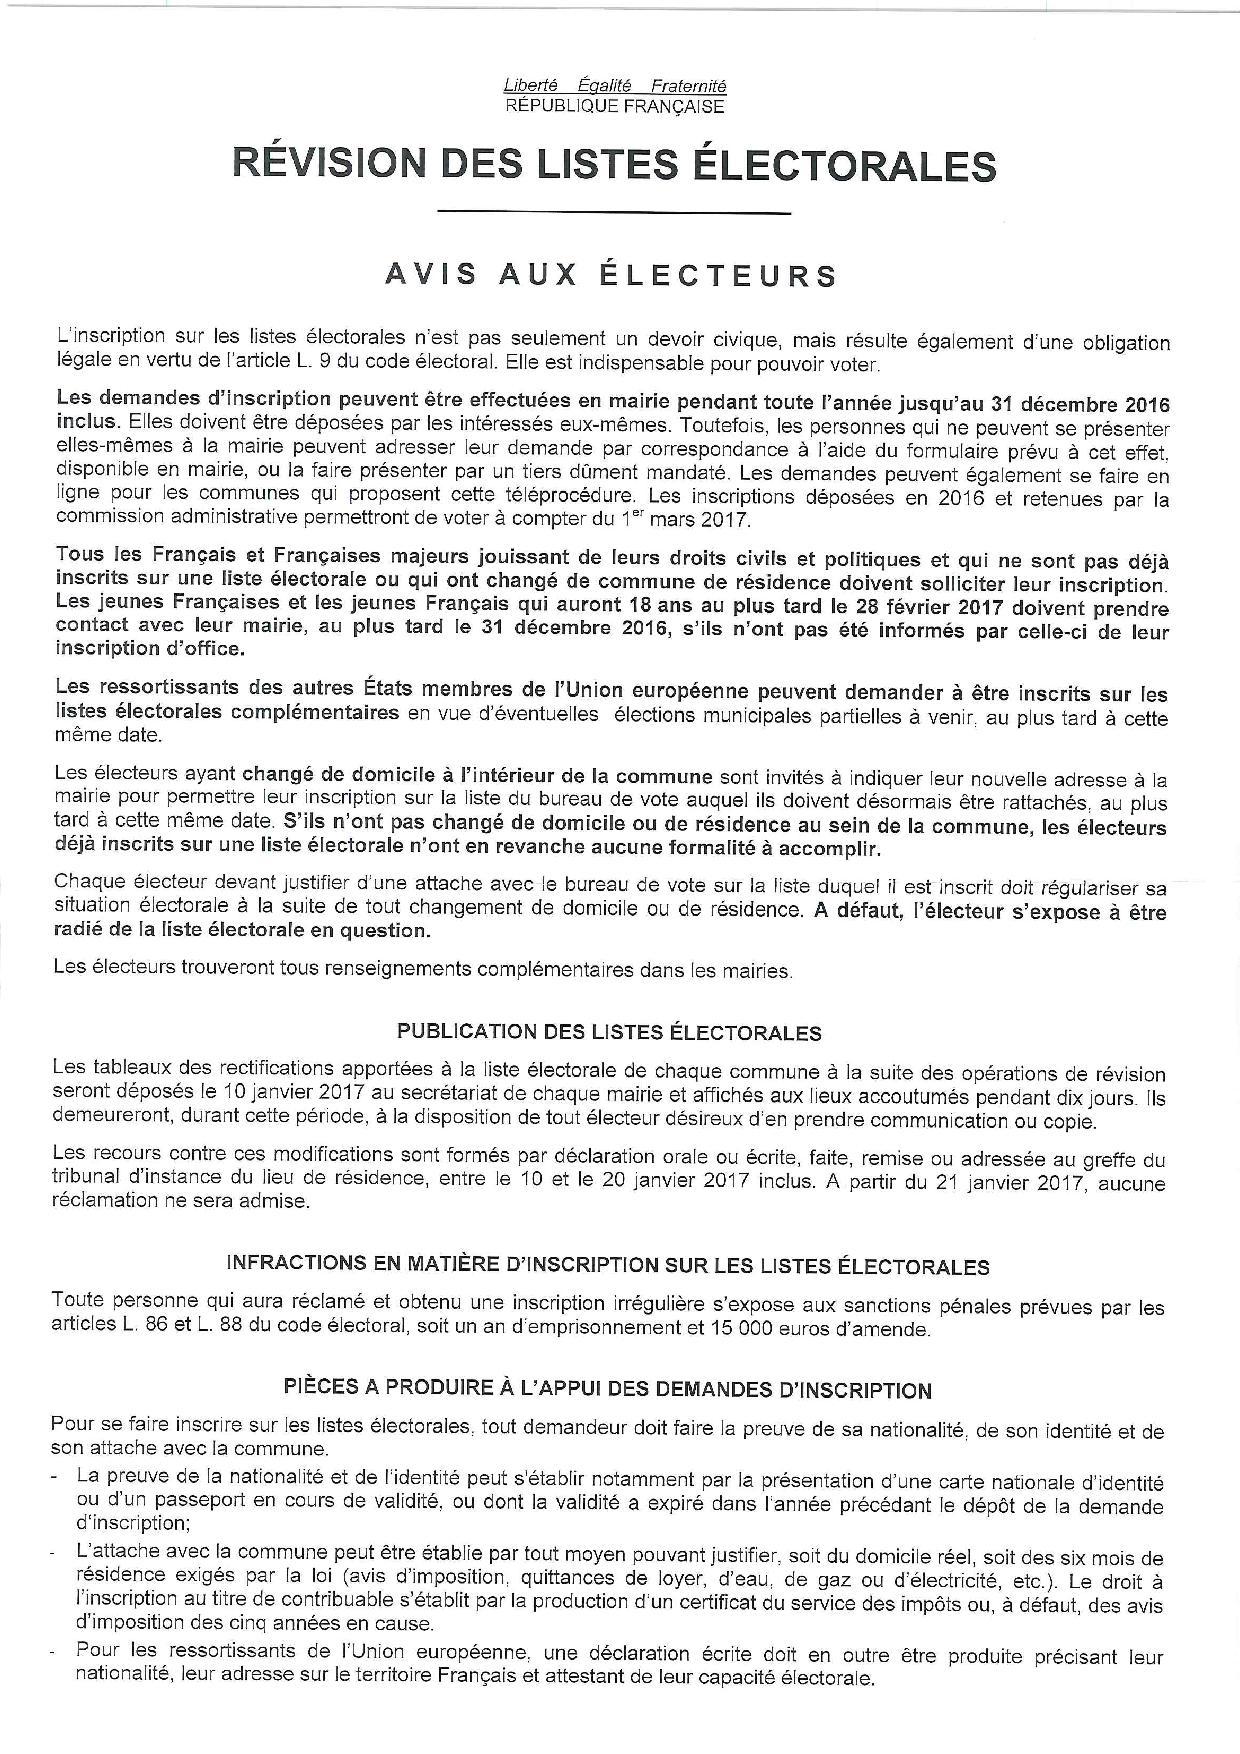 affiche-revision-liste-electorale-2016